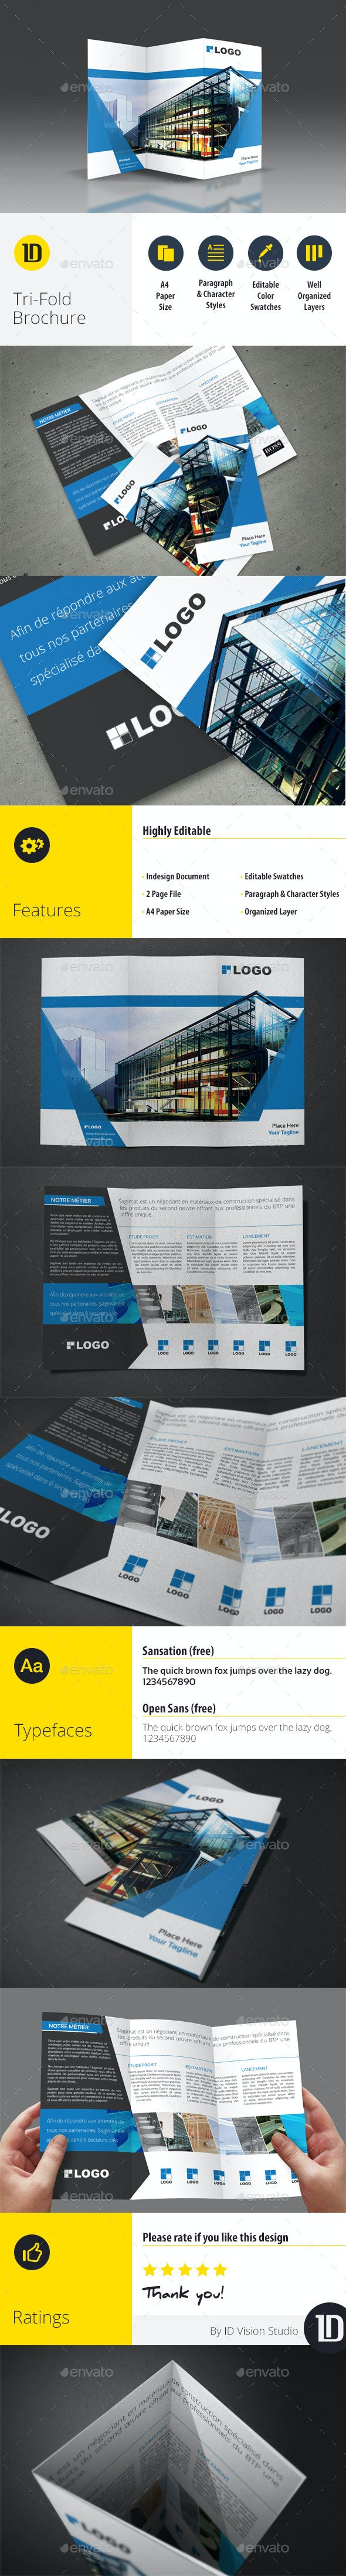 A4 Corporate Tri-Fold Brochure - Corporate Brochures